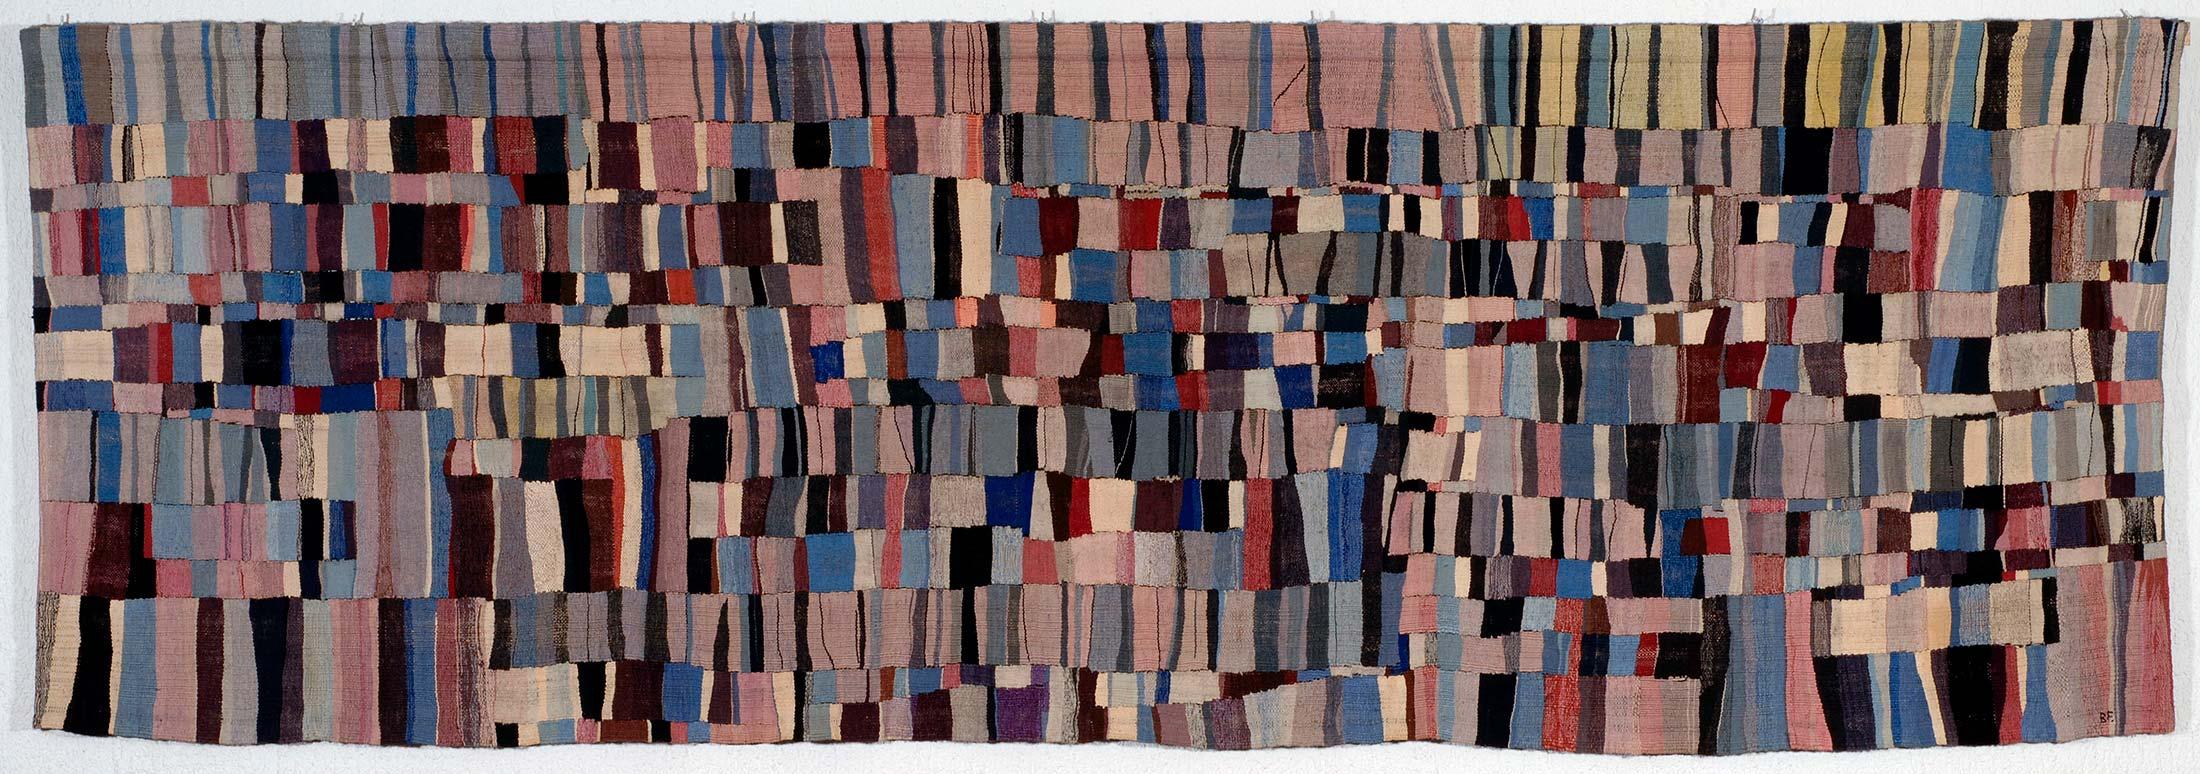 Brit Fuglevaag sitt verk Panorama fra 1971, Tilhører UIO. Foto: Arthur Sand